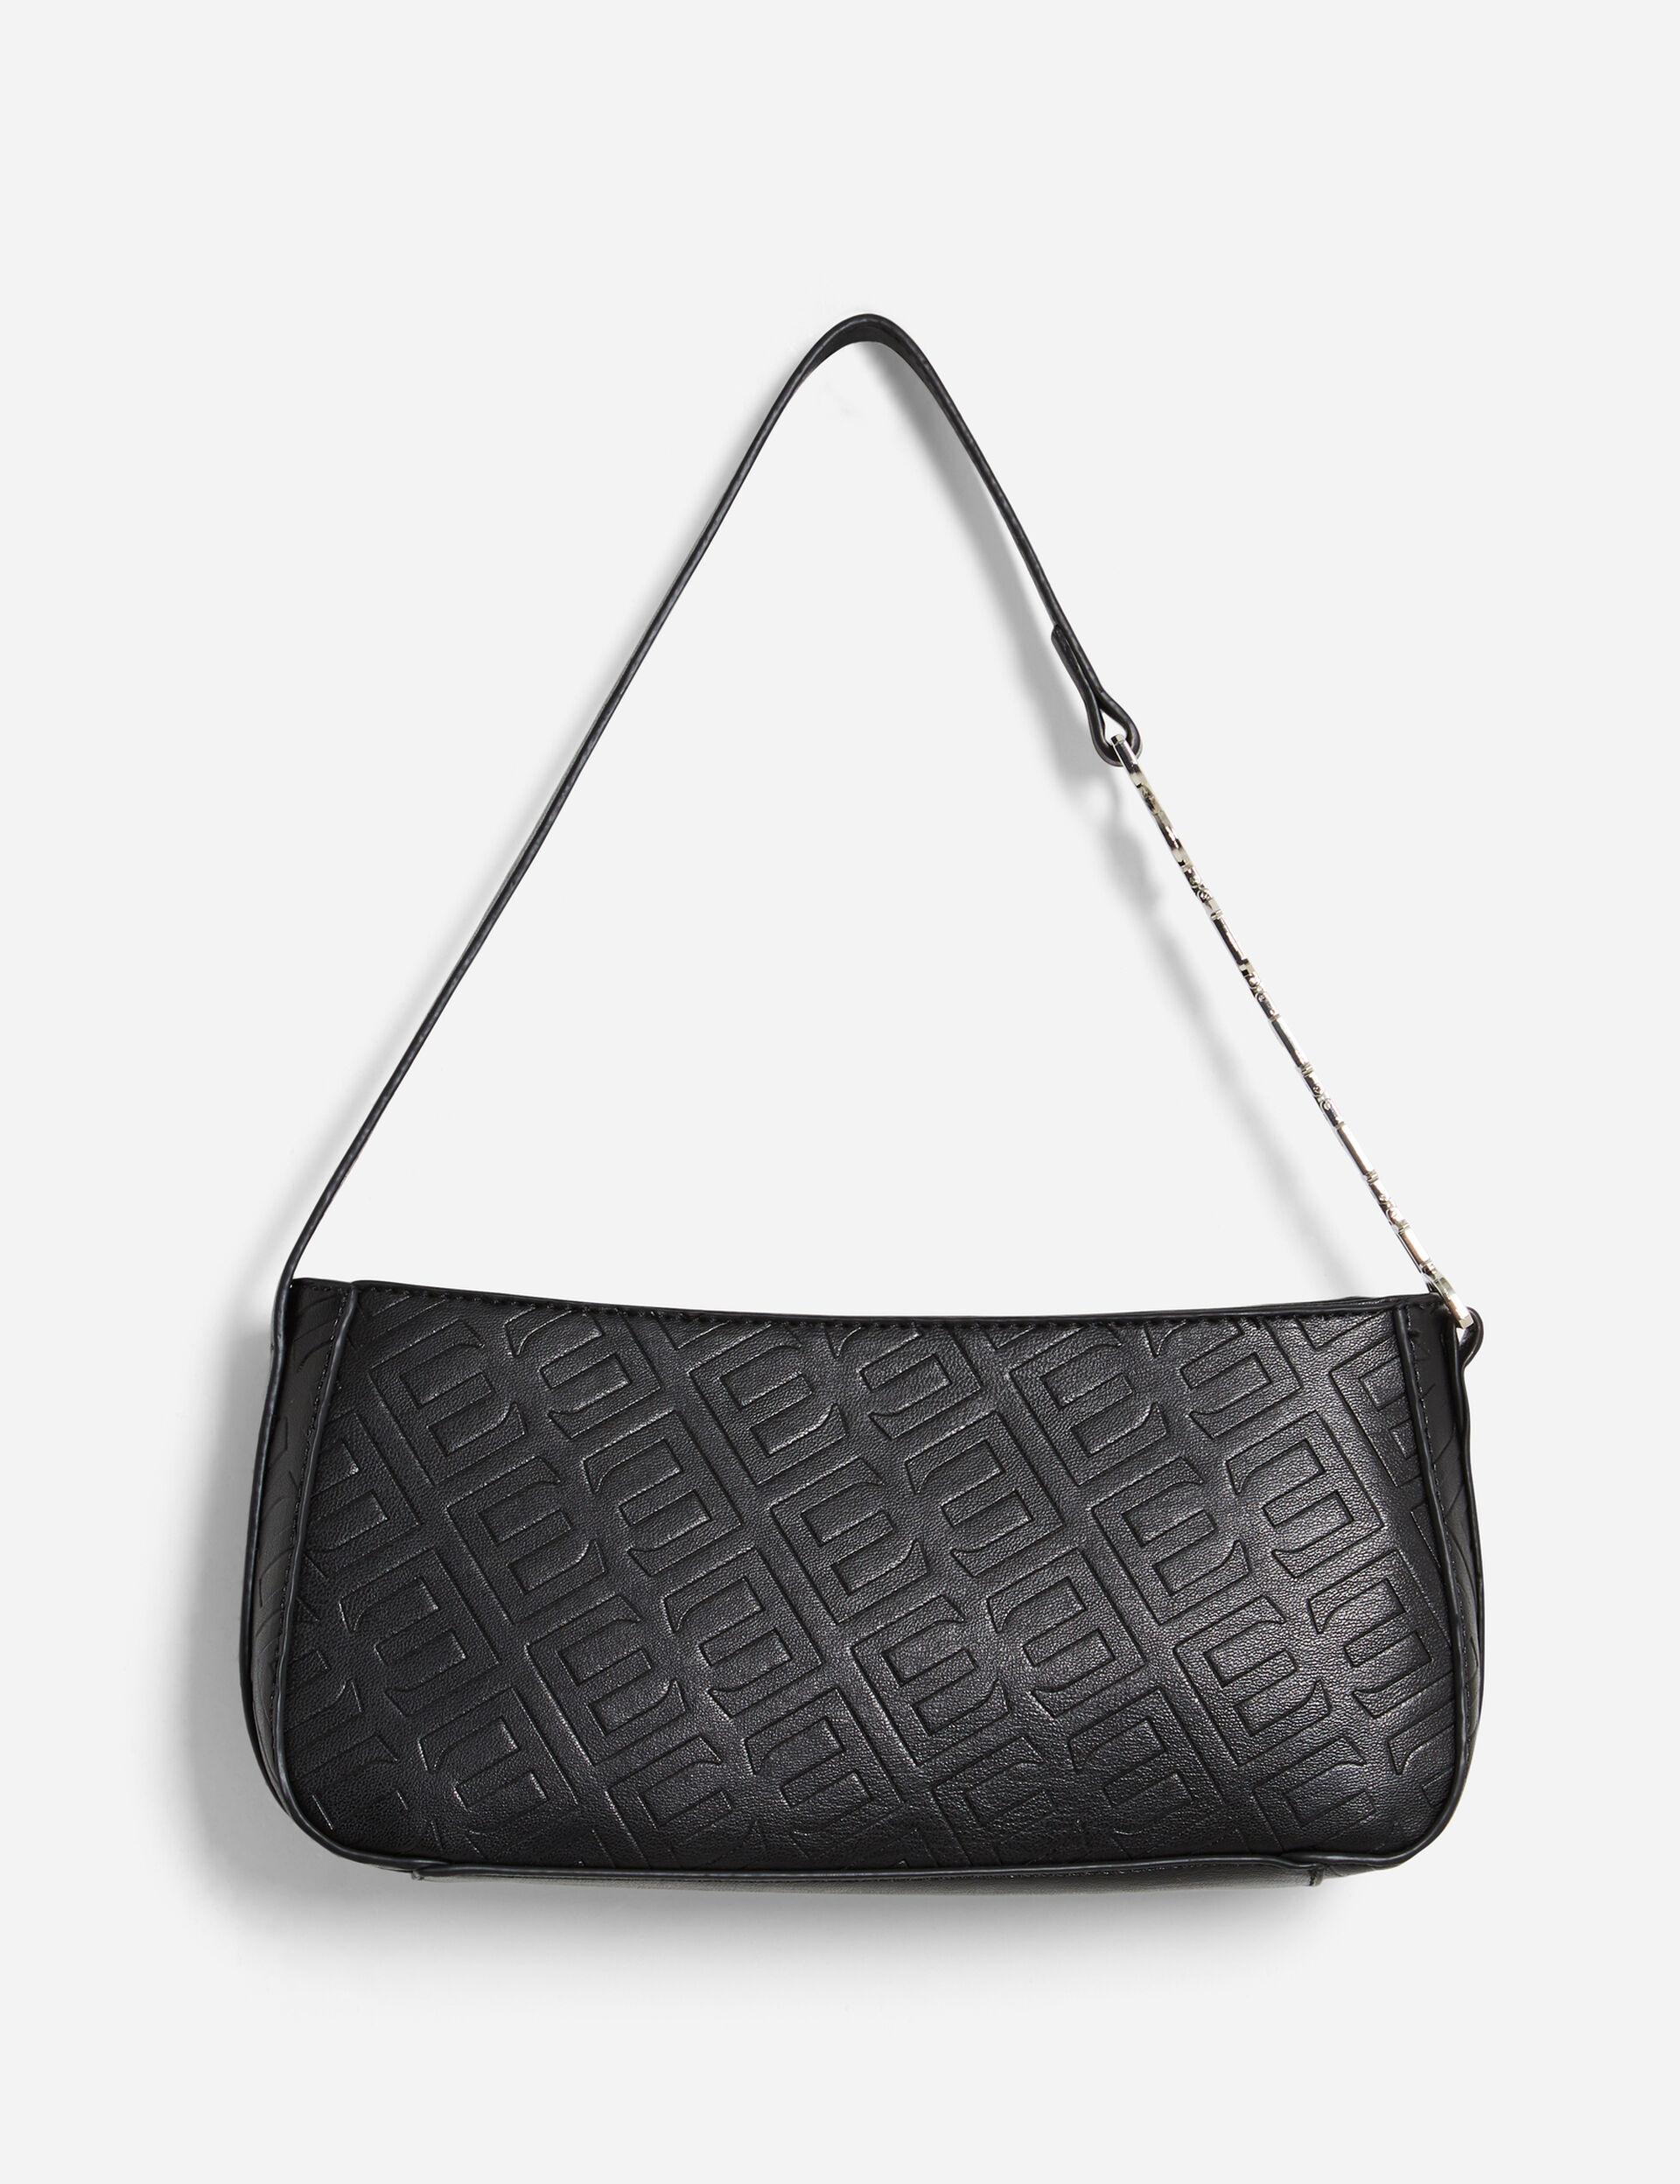 Eva Queen imitation leather bag